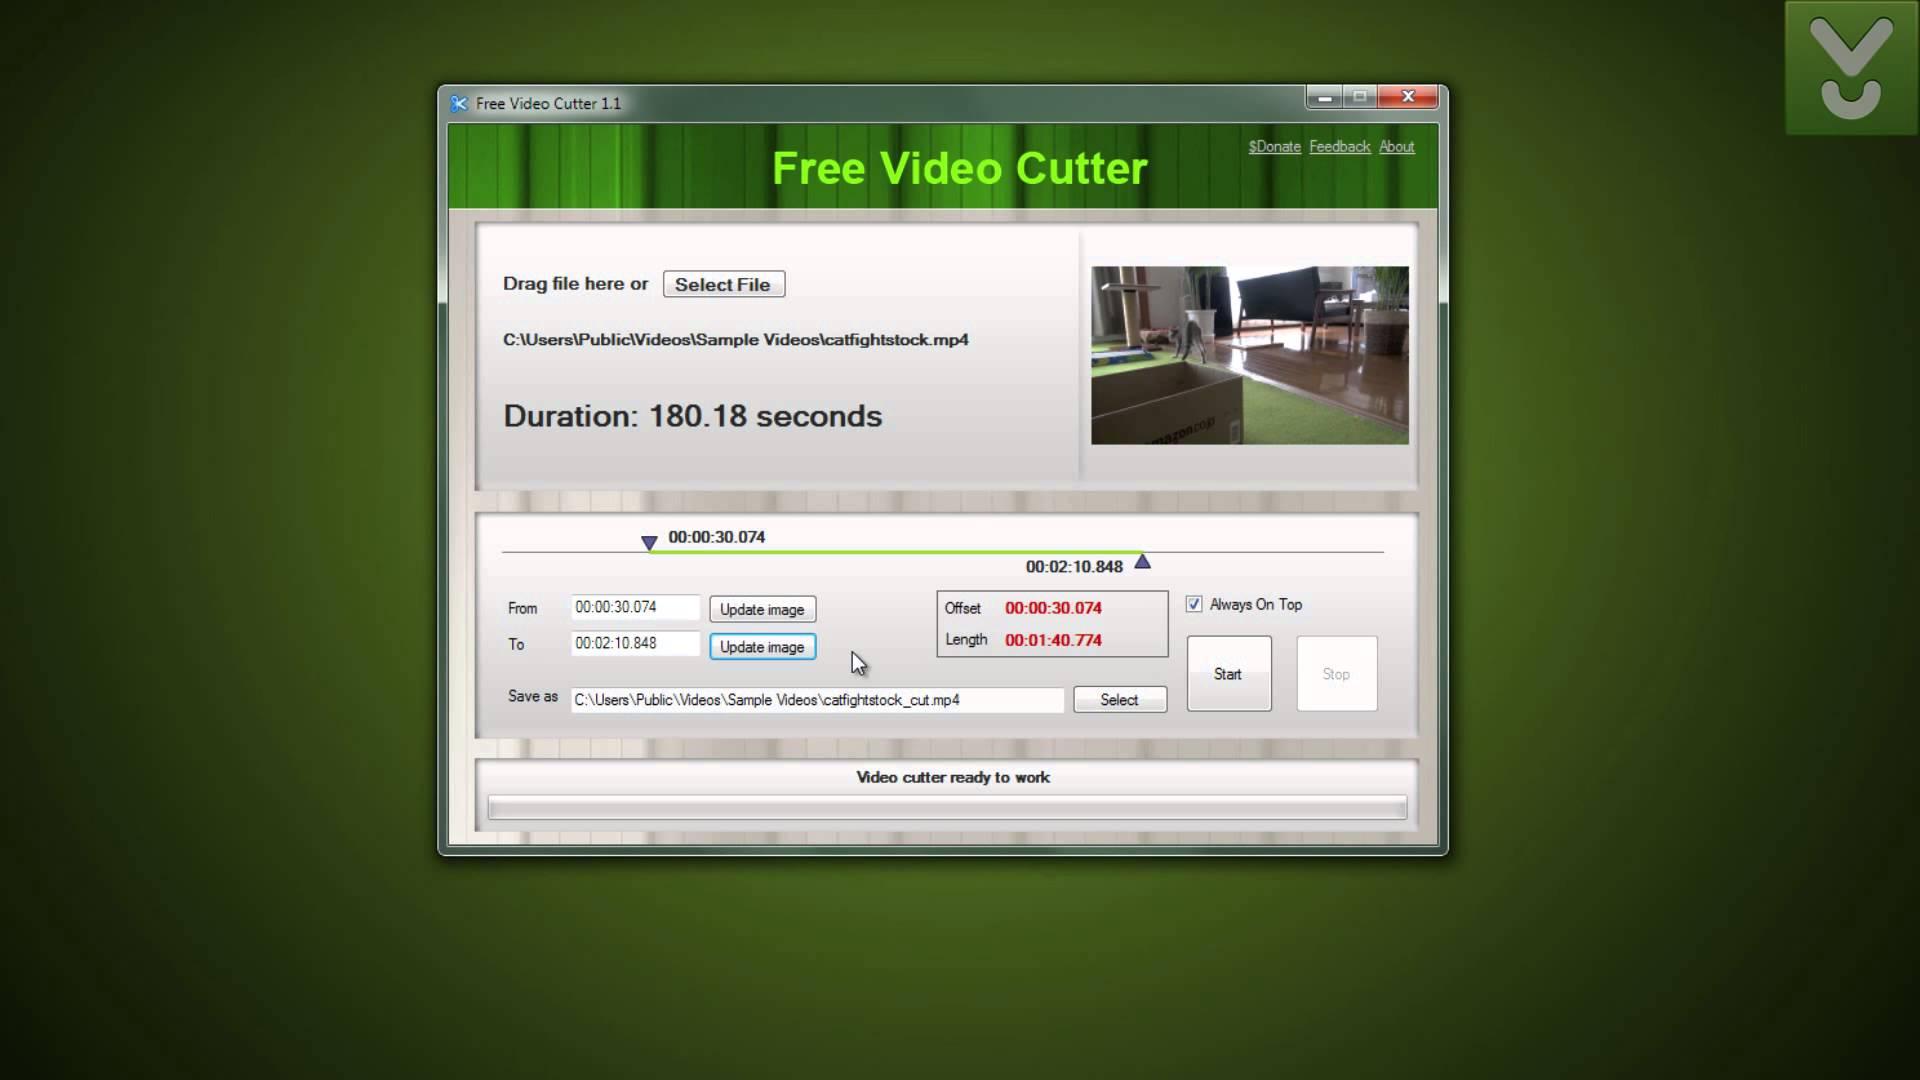 طريقة قص الفيديوهات من خلال برنامجFree Video Cutter